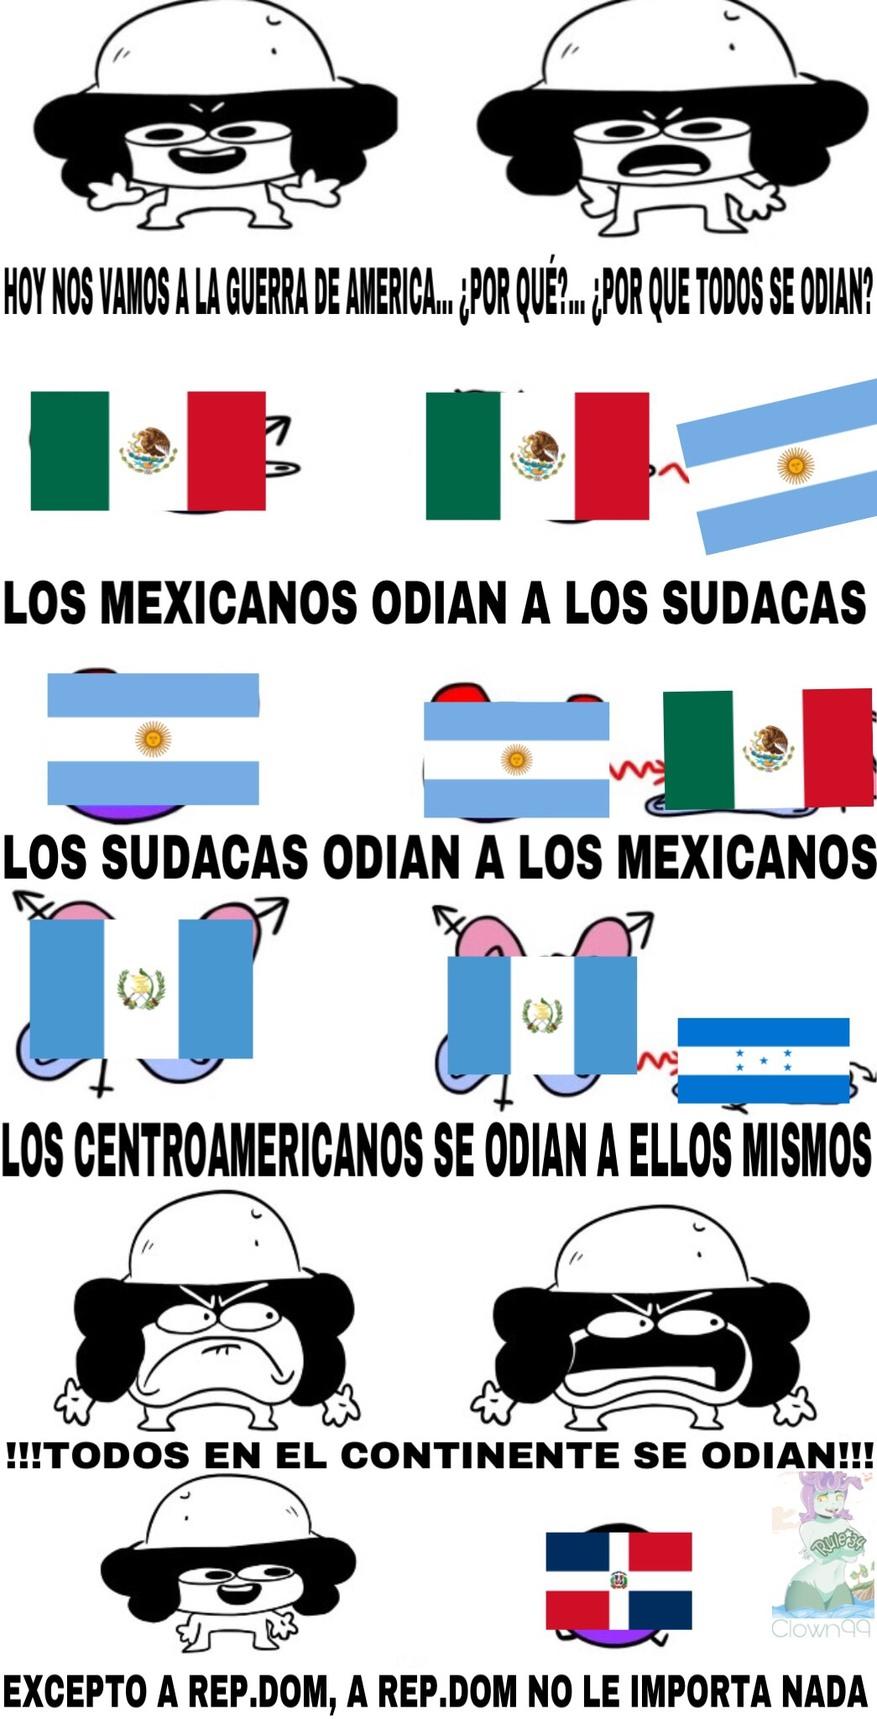 En mi país los recibimos a todos con los brazos abiertos - meme